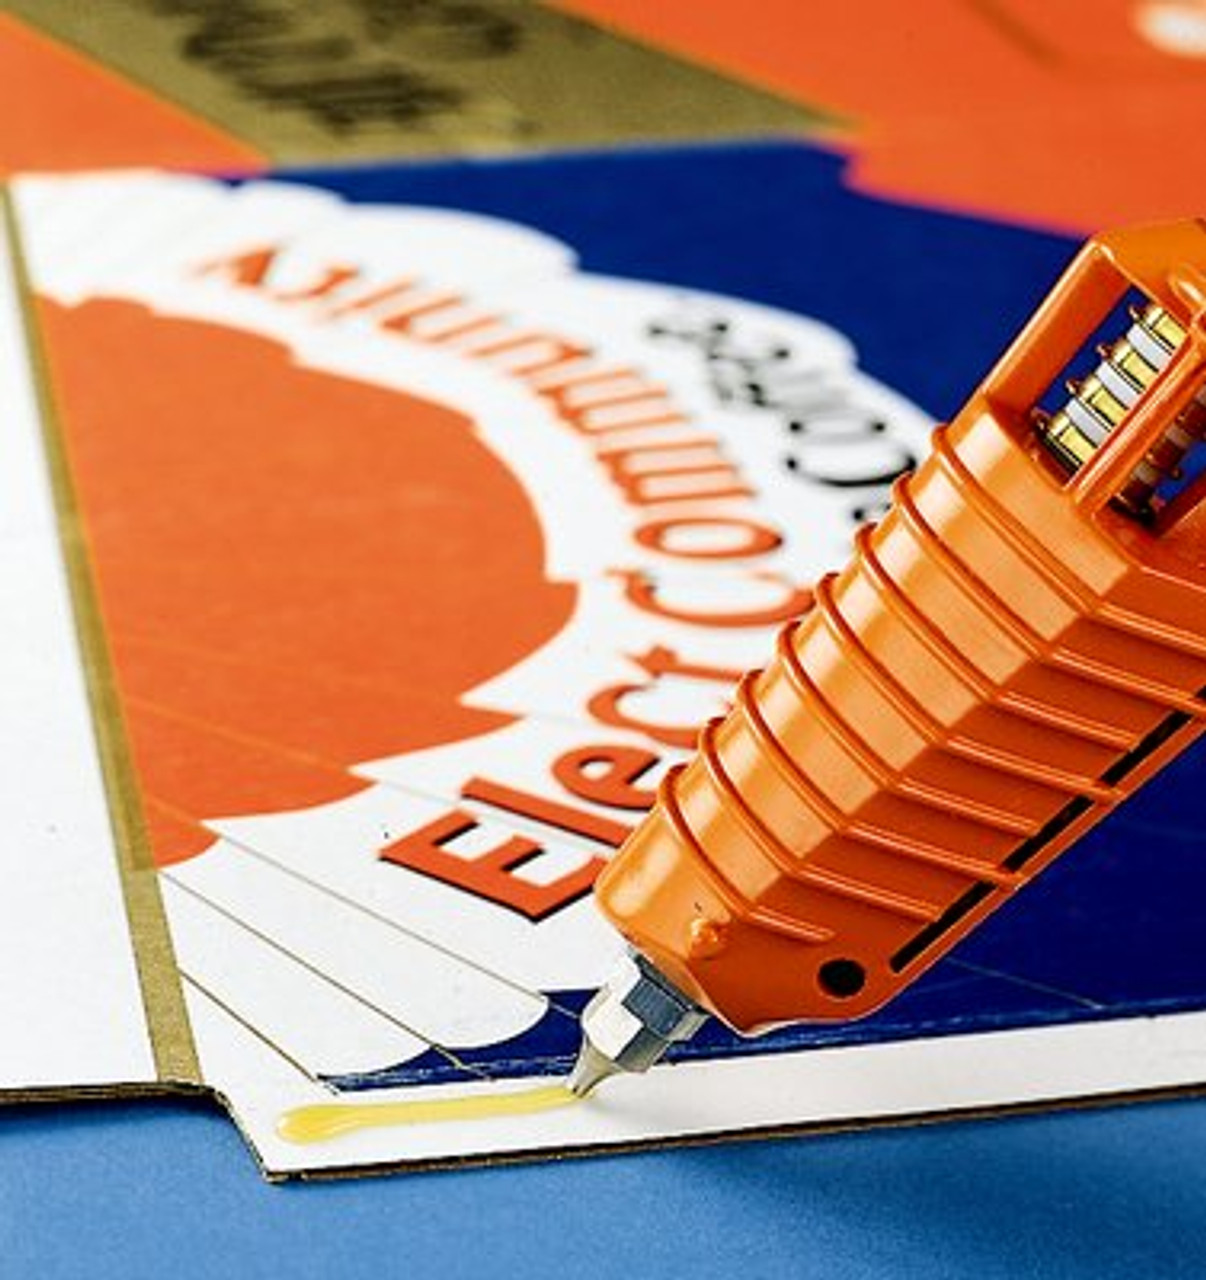 3M™ Scotch-Weld™ Hot Melt Adhesive 3762 Q Tan, 5/8 in x 8 in